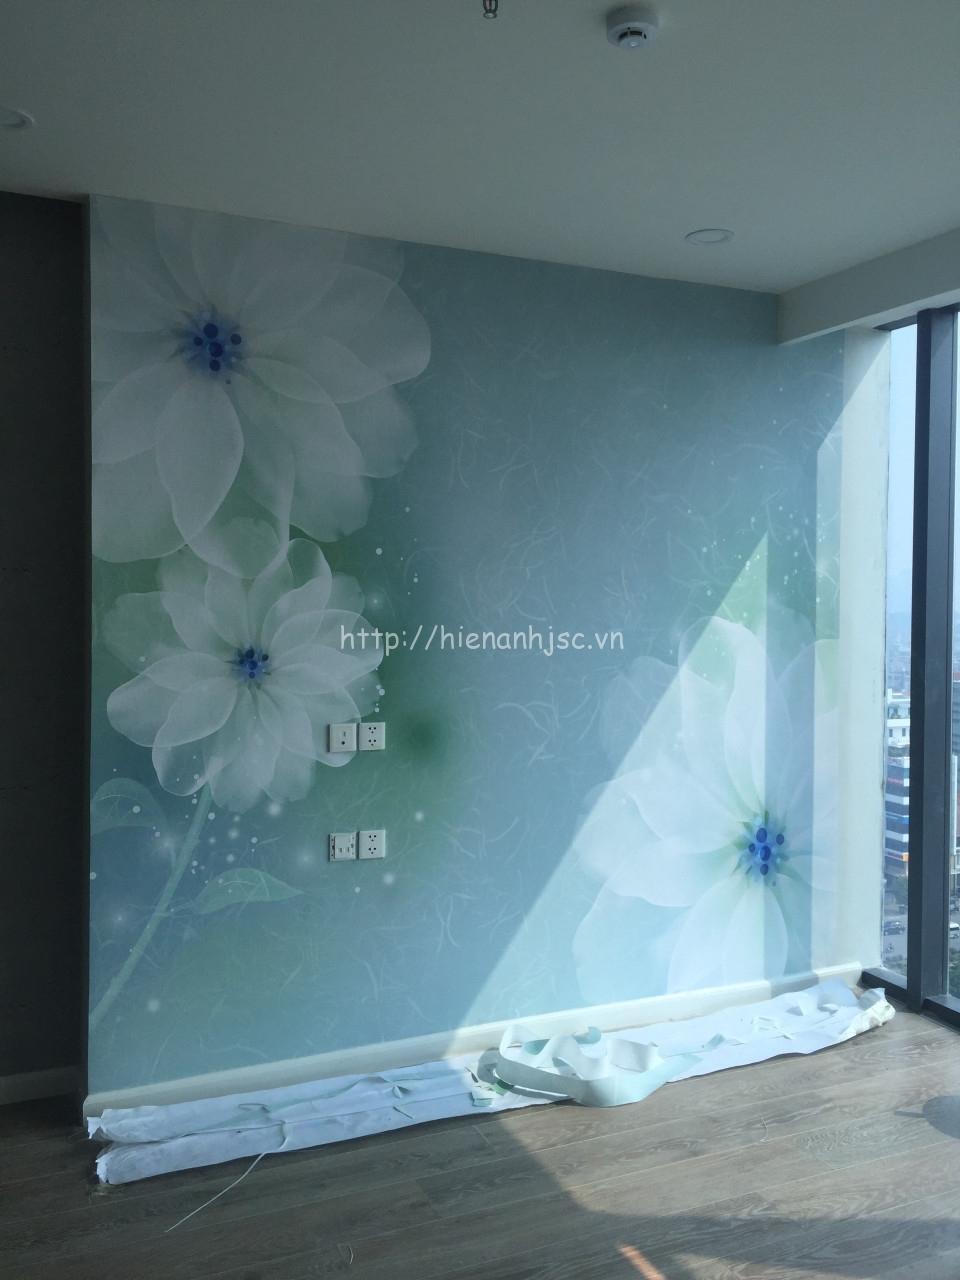 Thi công tranh dán tường hoa chị Thủy Nguyễn Chí Thanh - Hà Nội